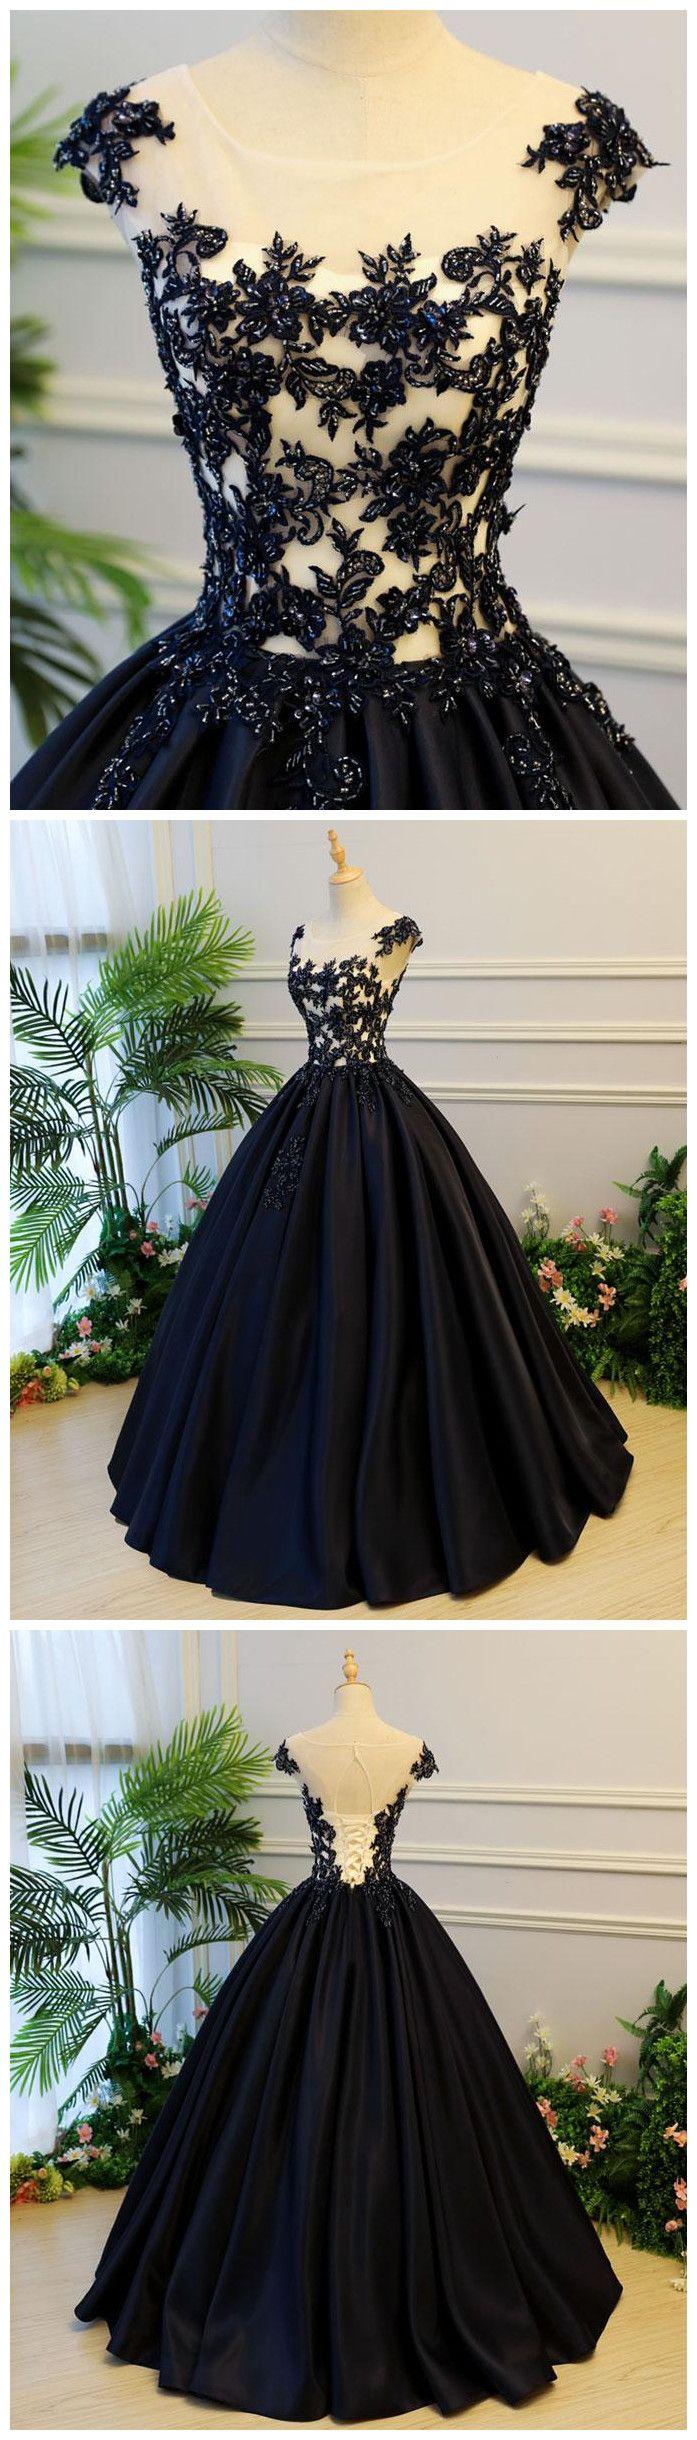 Vestido de debutante cor preta com renda em detalhes v